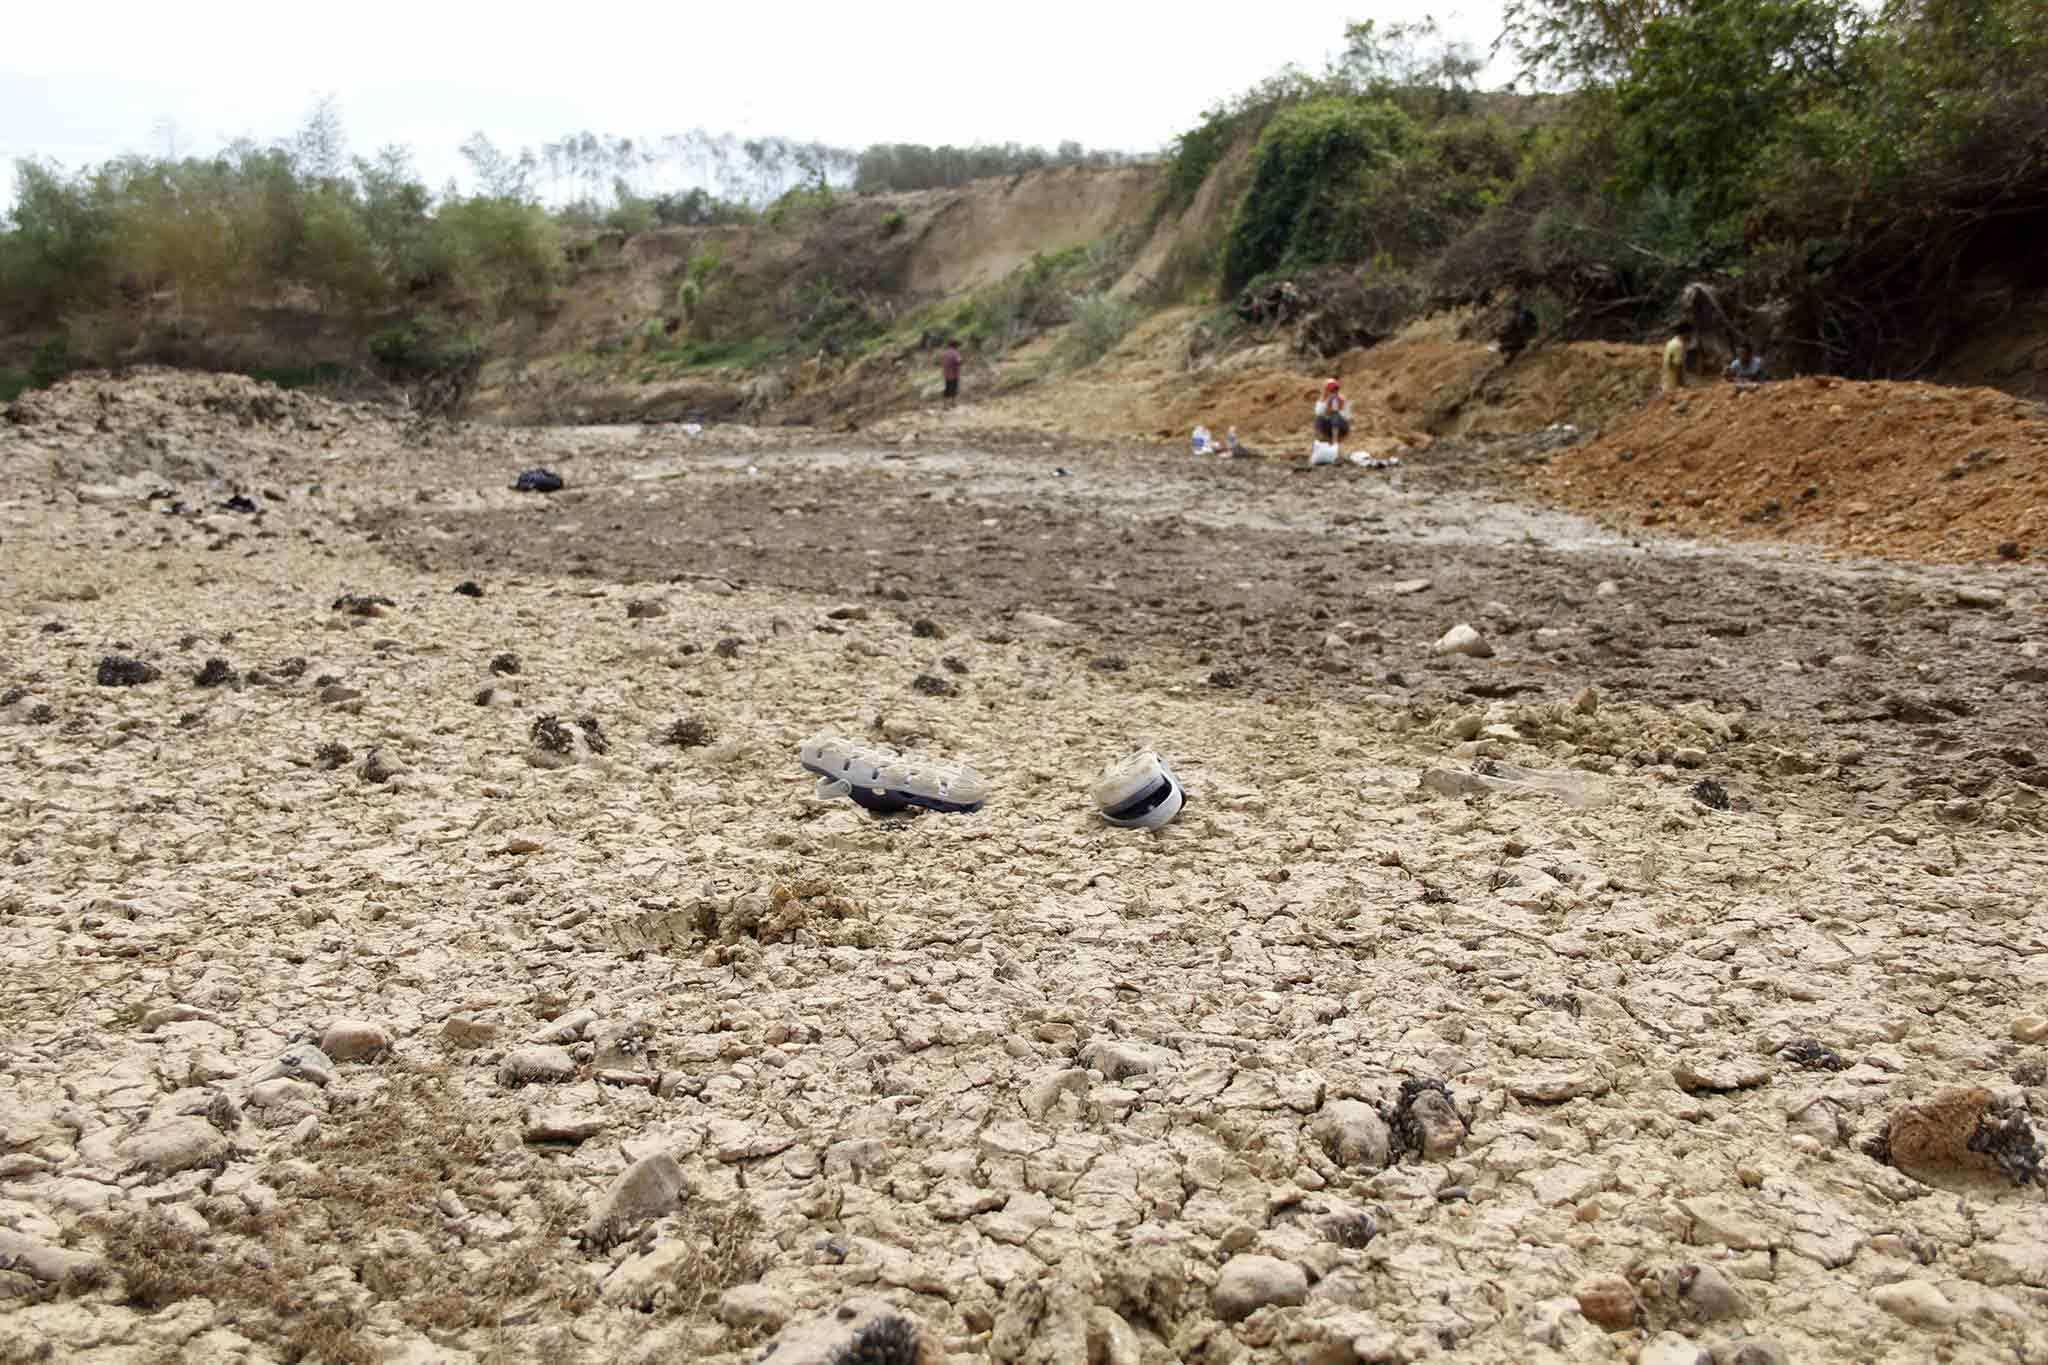 Khô hạn kéo dài, Quảng Trị huy động trăm người nạo vét sông tìm nước